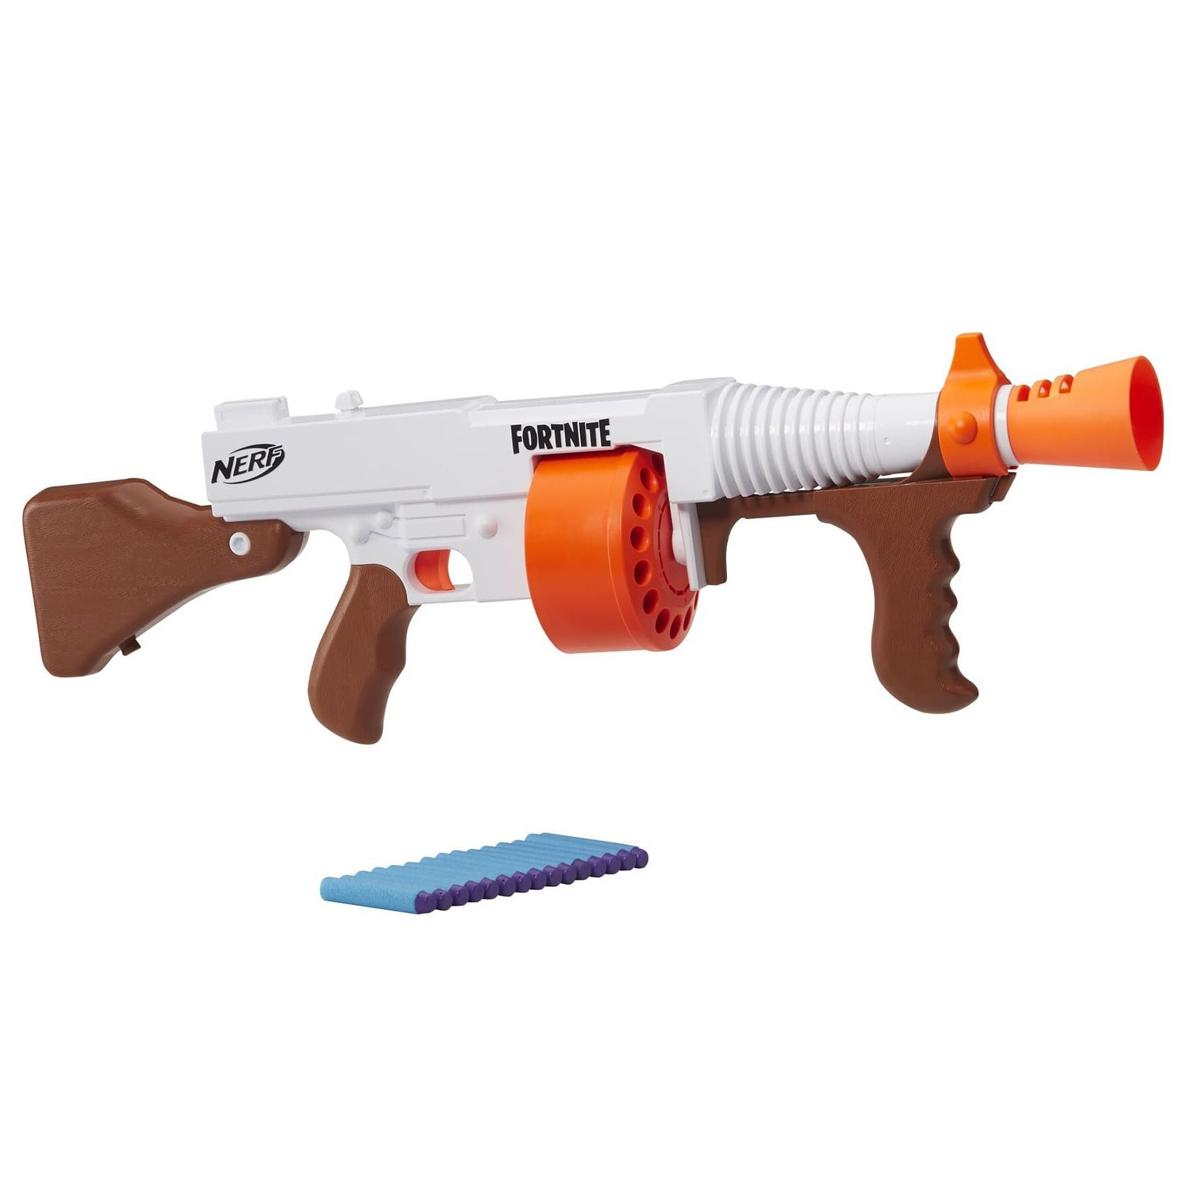 تفنگ بازی نرف مدل Fortnite DG